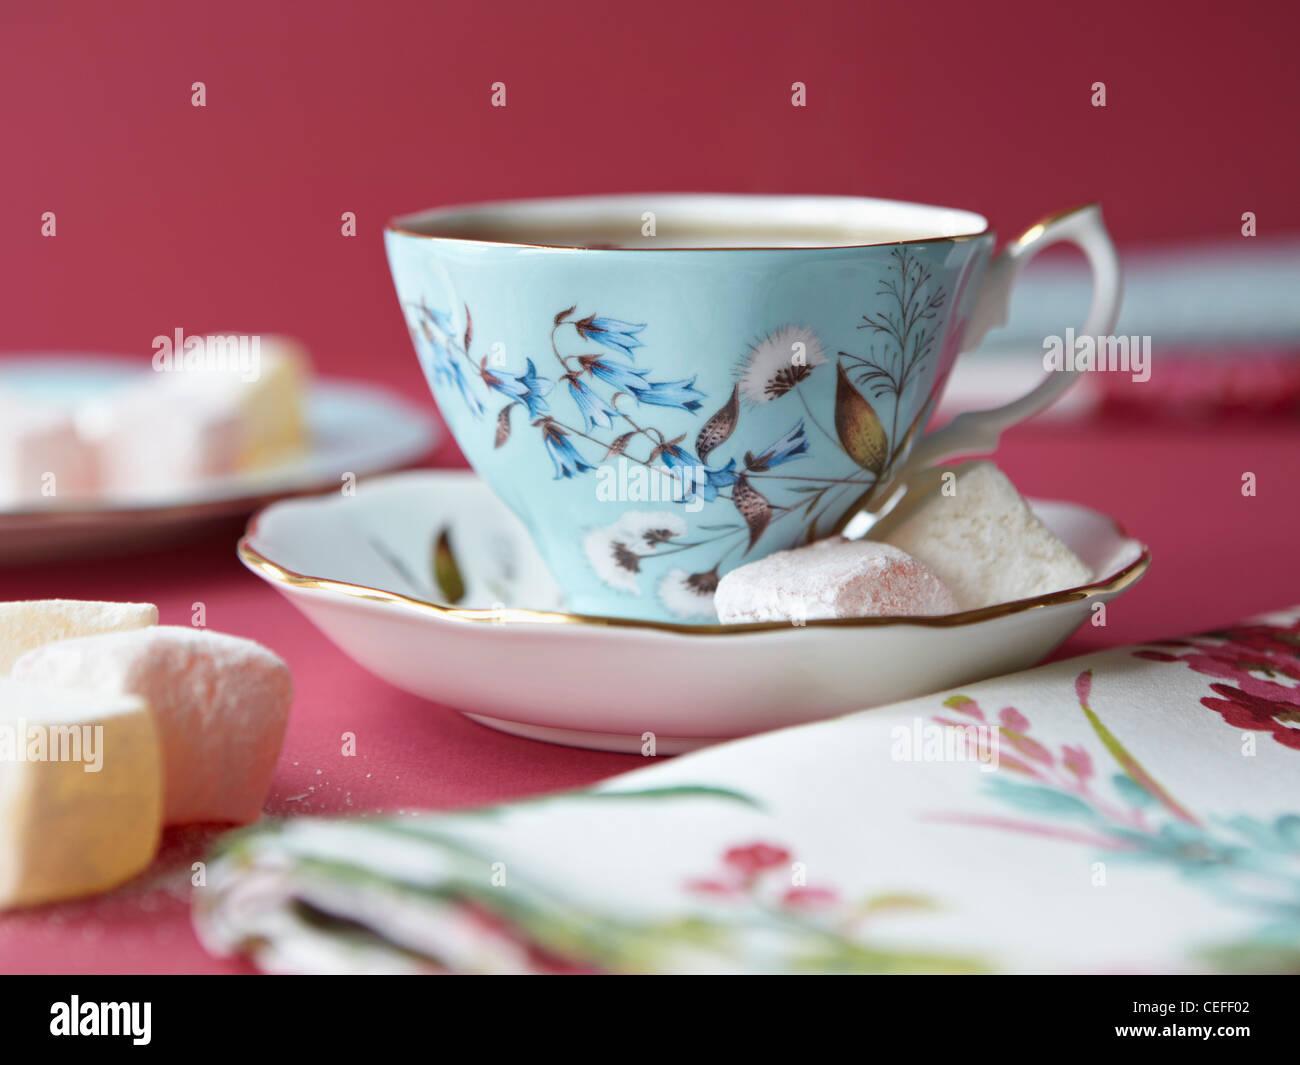 Les guimauves avec tasse de thé Photo Stock